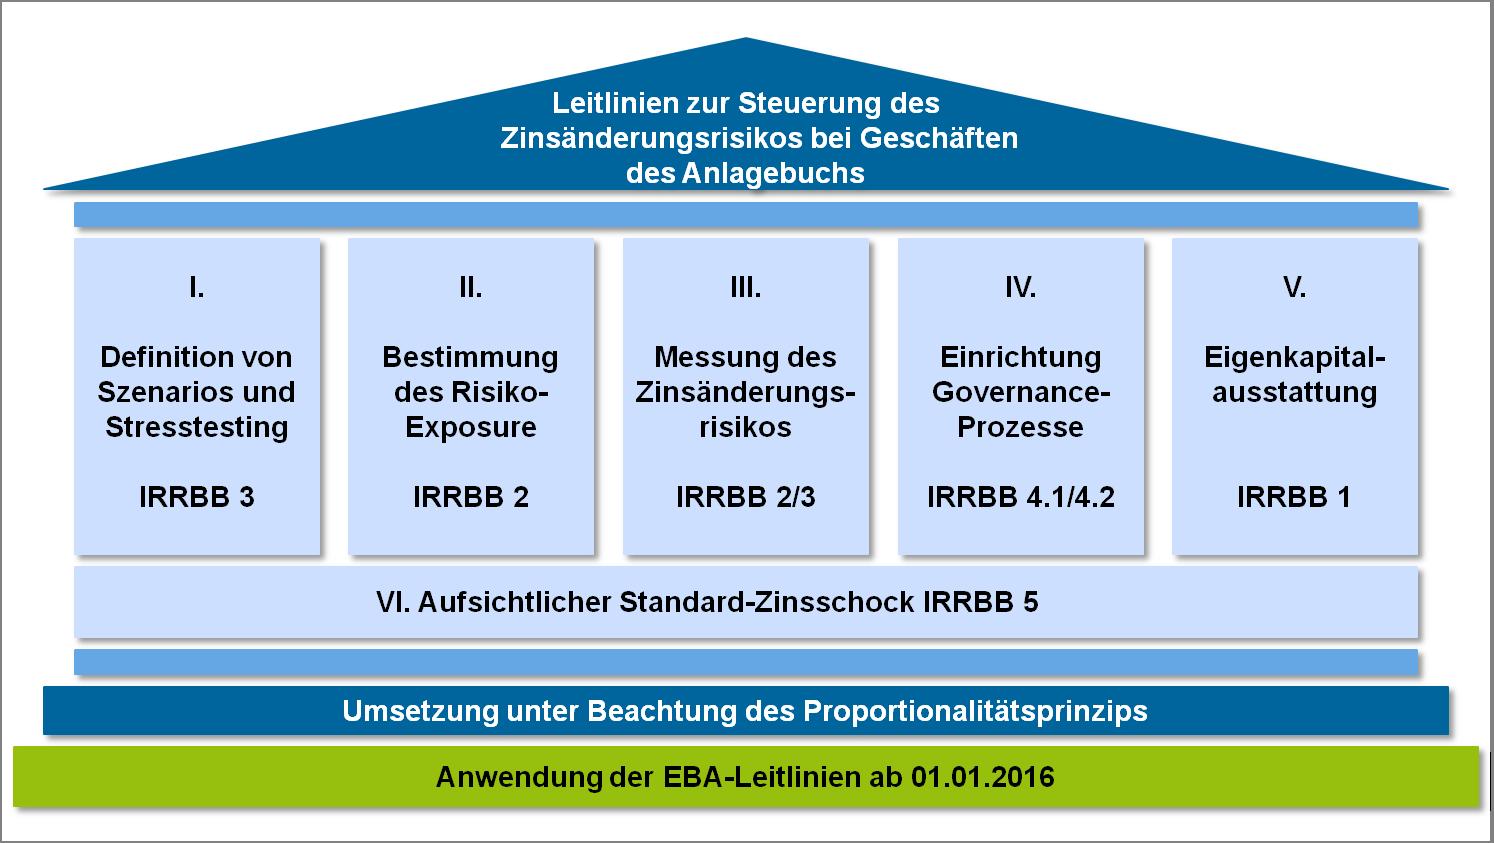 EBA-Leitlinien